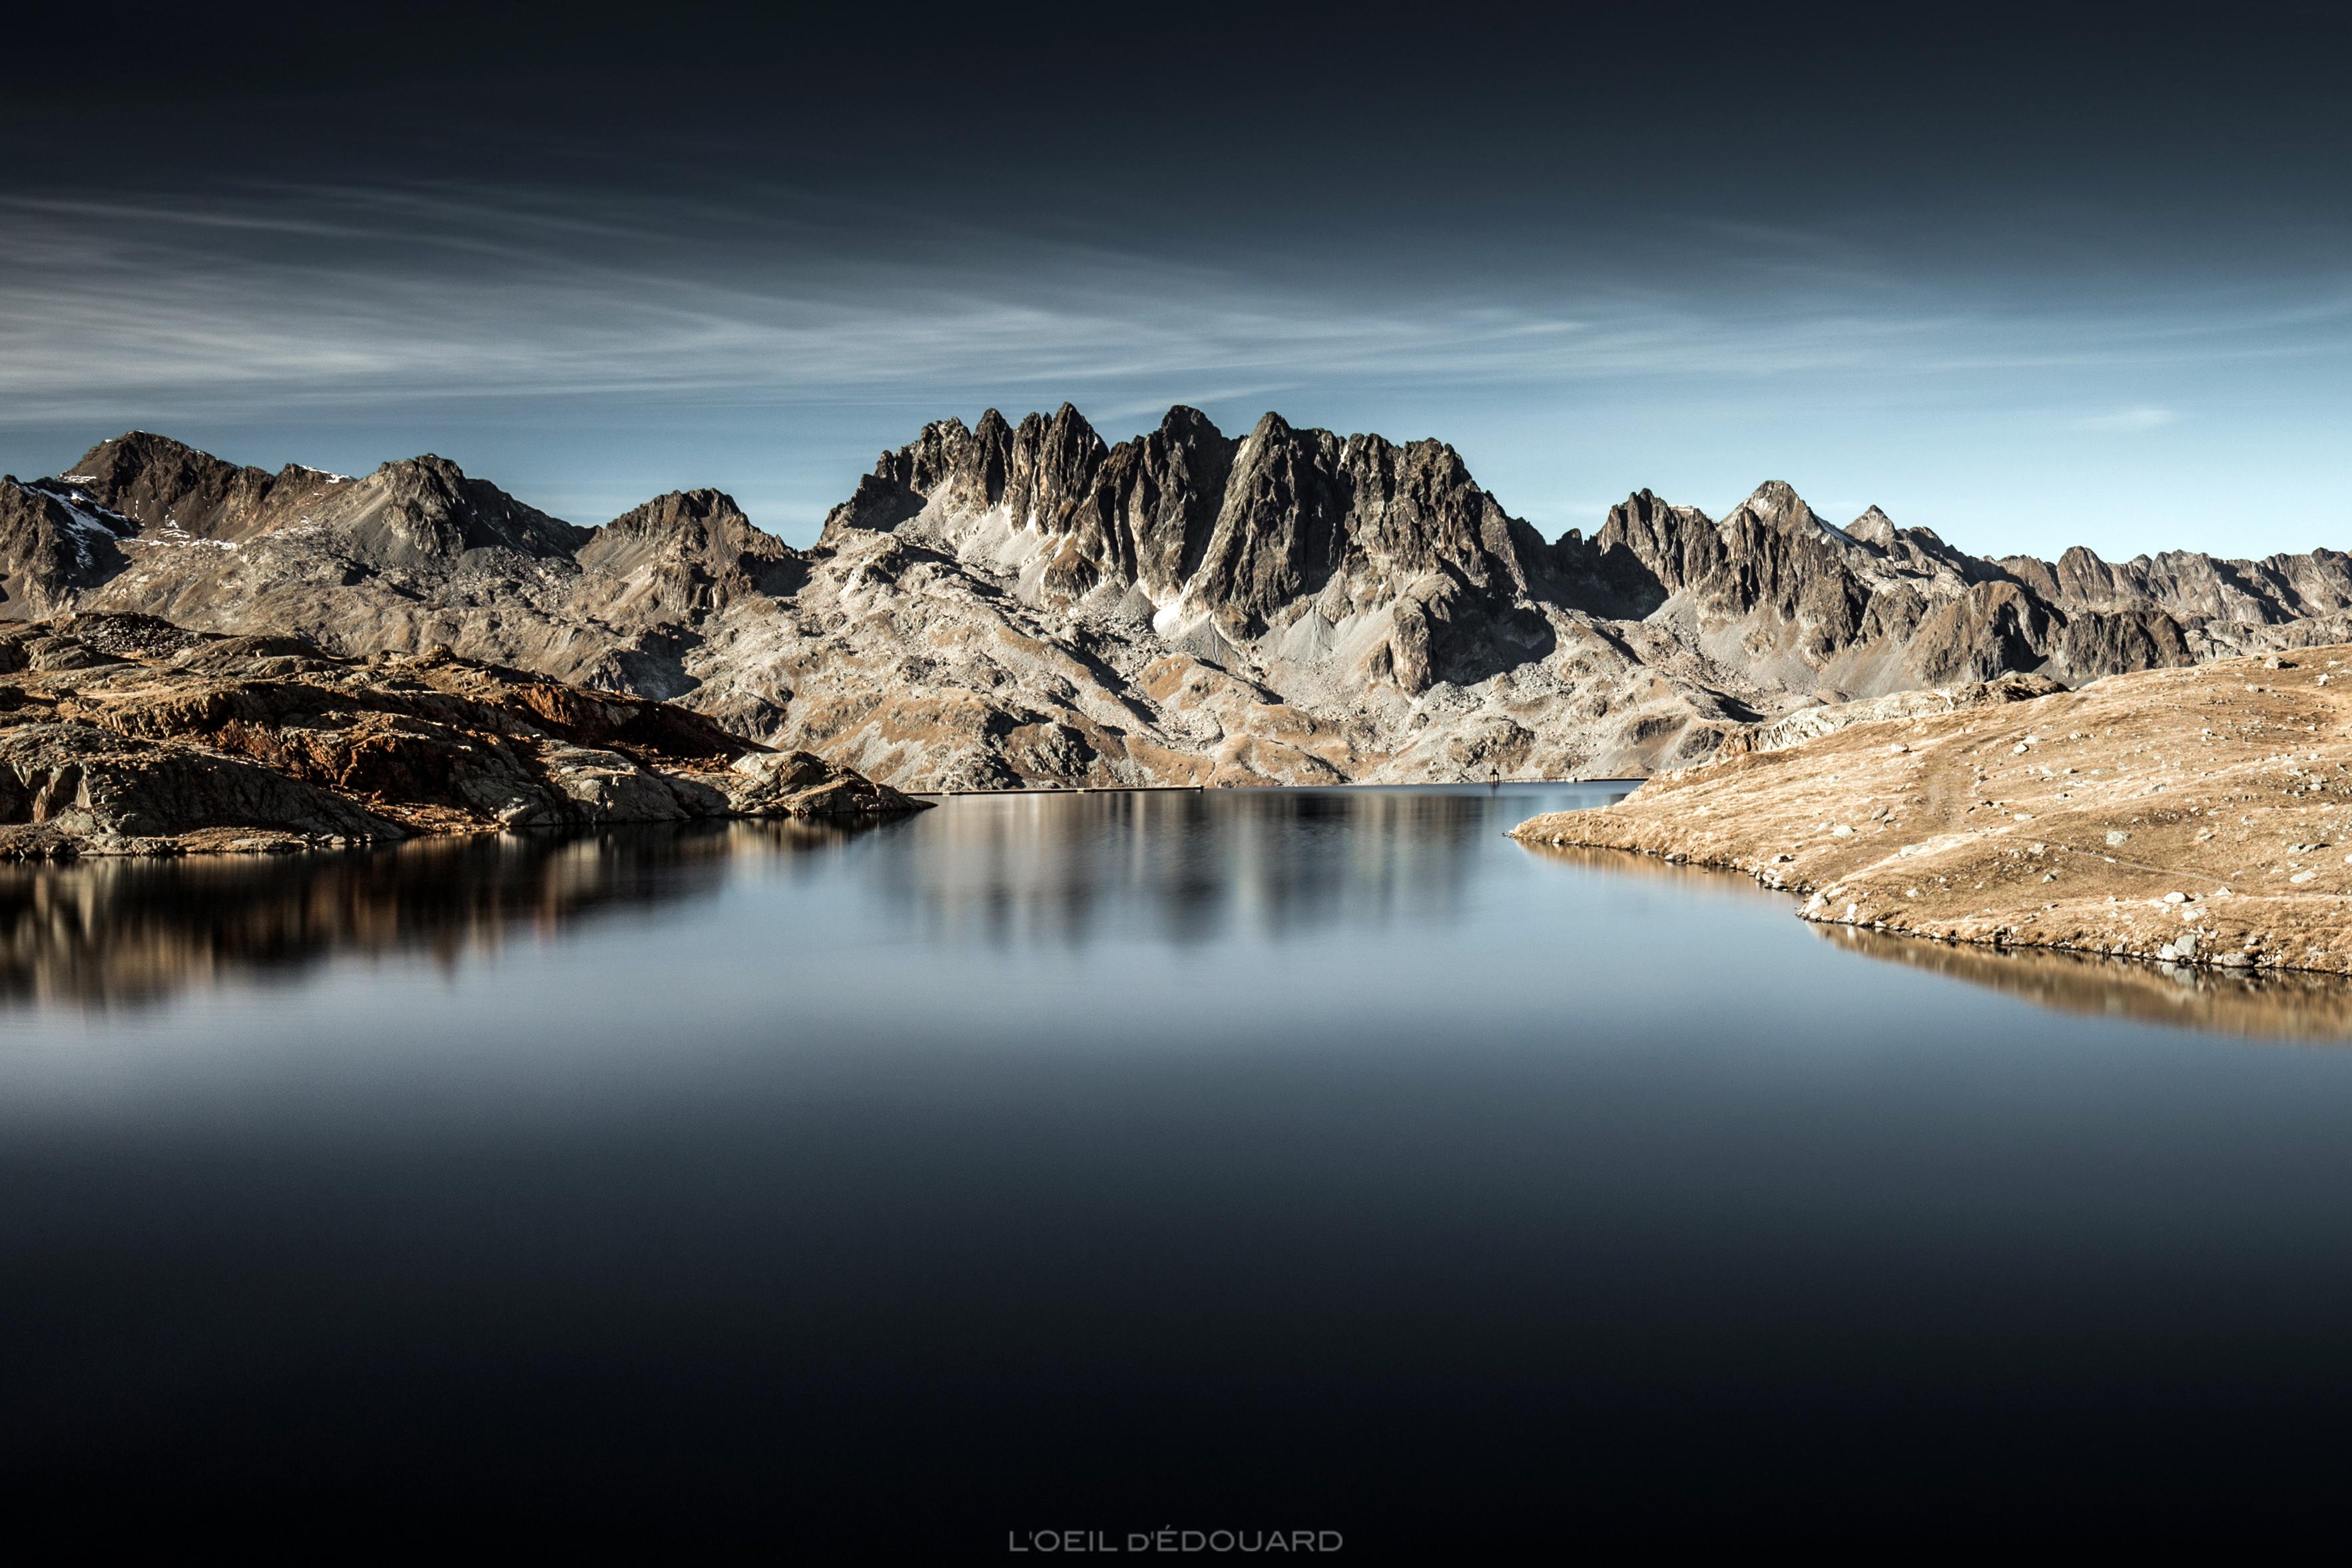 Lac Bramant et Aiguilles de l'Argentière © L'Oeil d'Édouard - Tous droits réservés